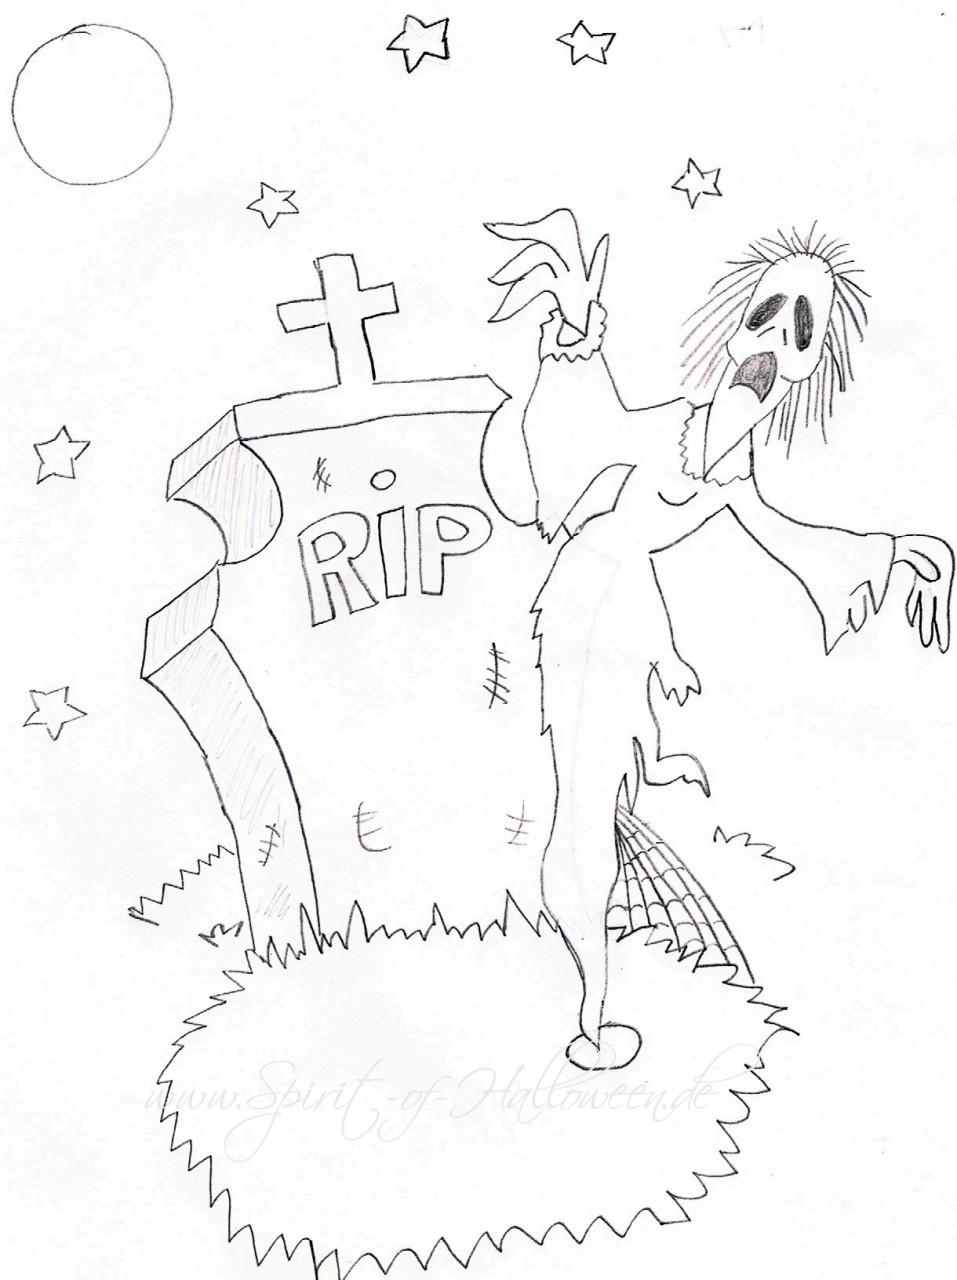 spirit of halloween  neuespieletips  halloweenspiele